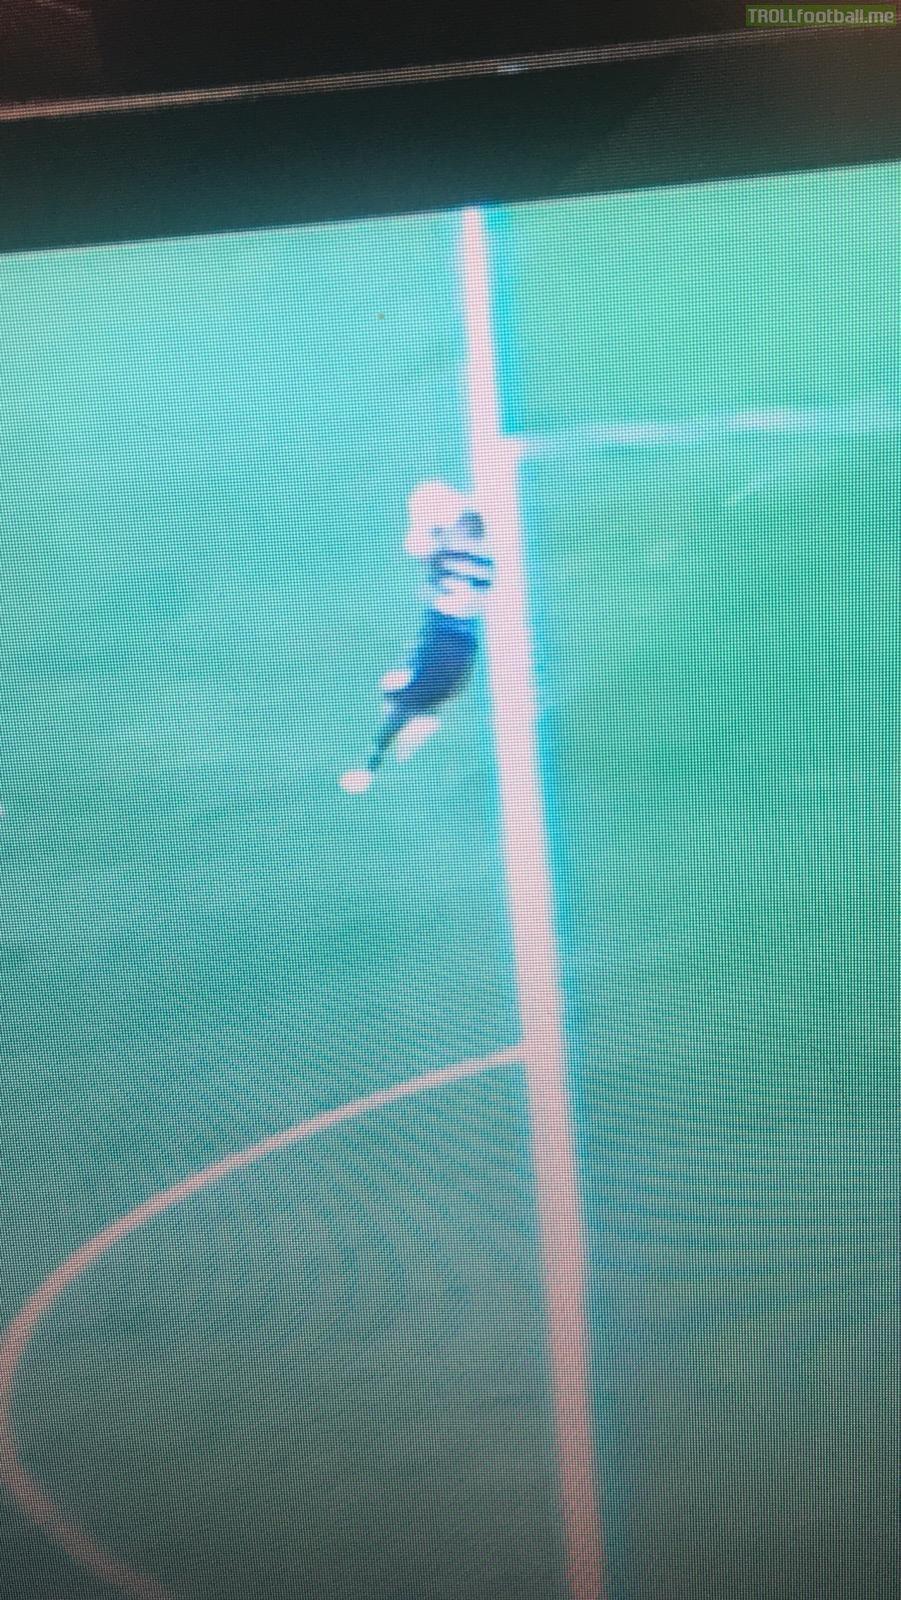 Martinez handball...WTF?